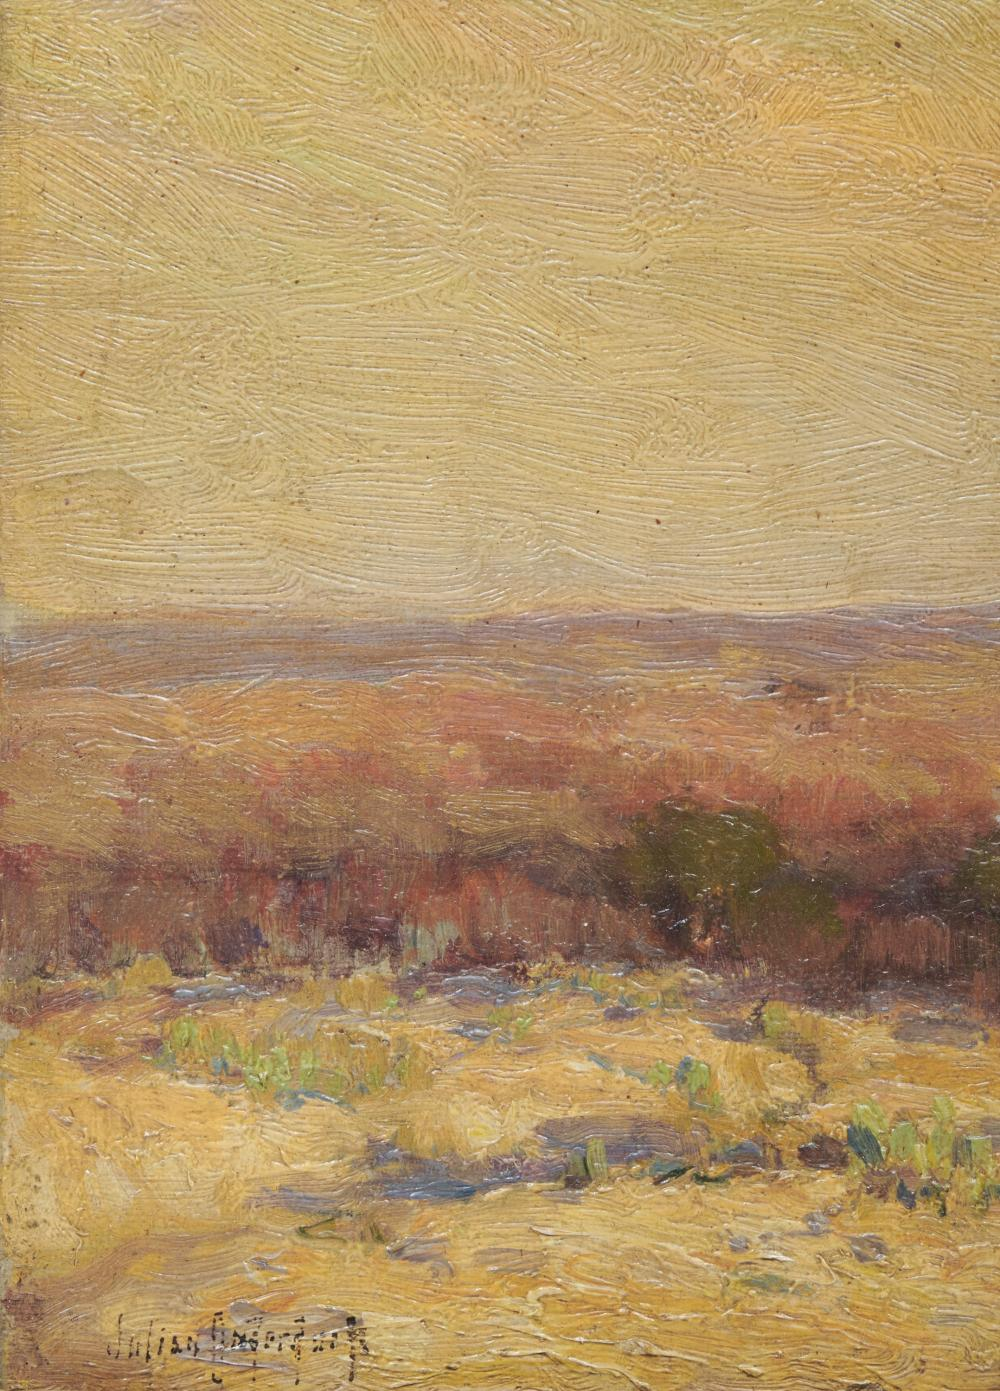 JULIAN ONDERDONK, (American, 1882-1922), Texas Morning, oil on board, 7 x 4 1/2 in., frame: 8 x 6 1/2 in.